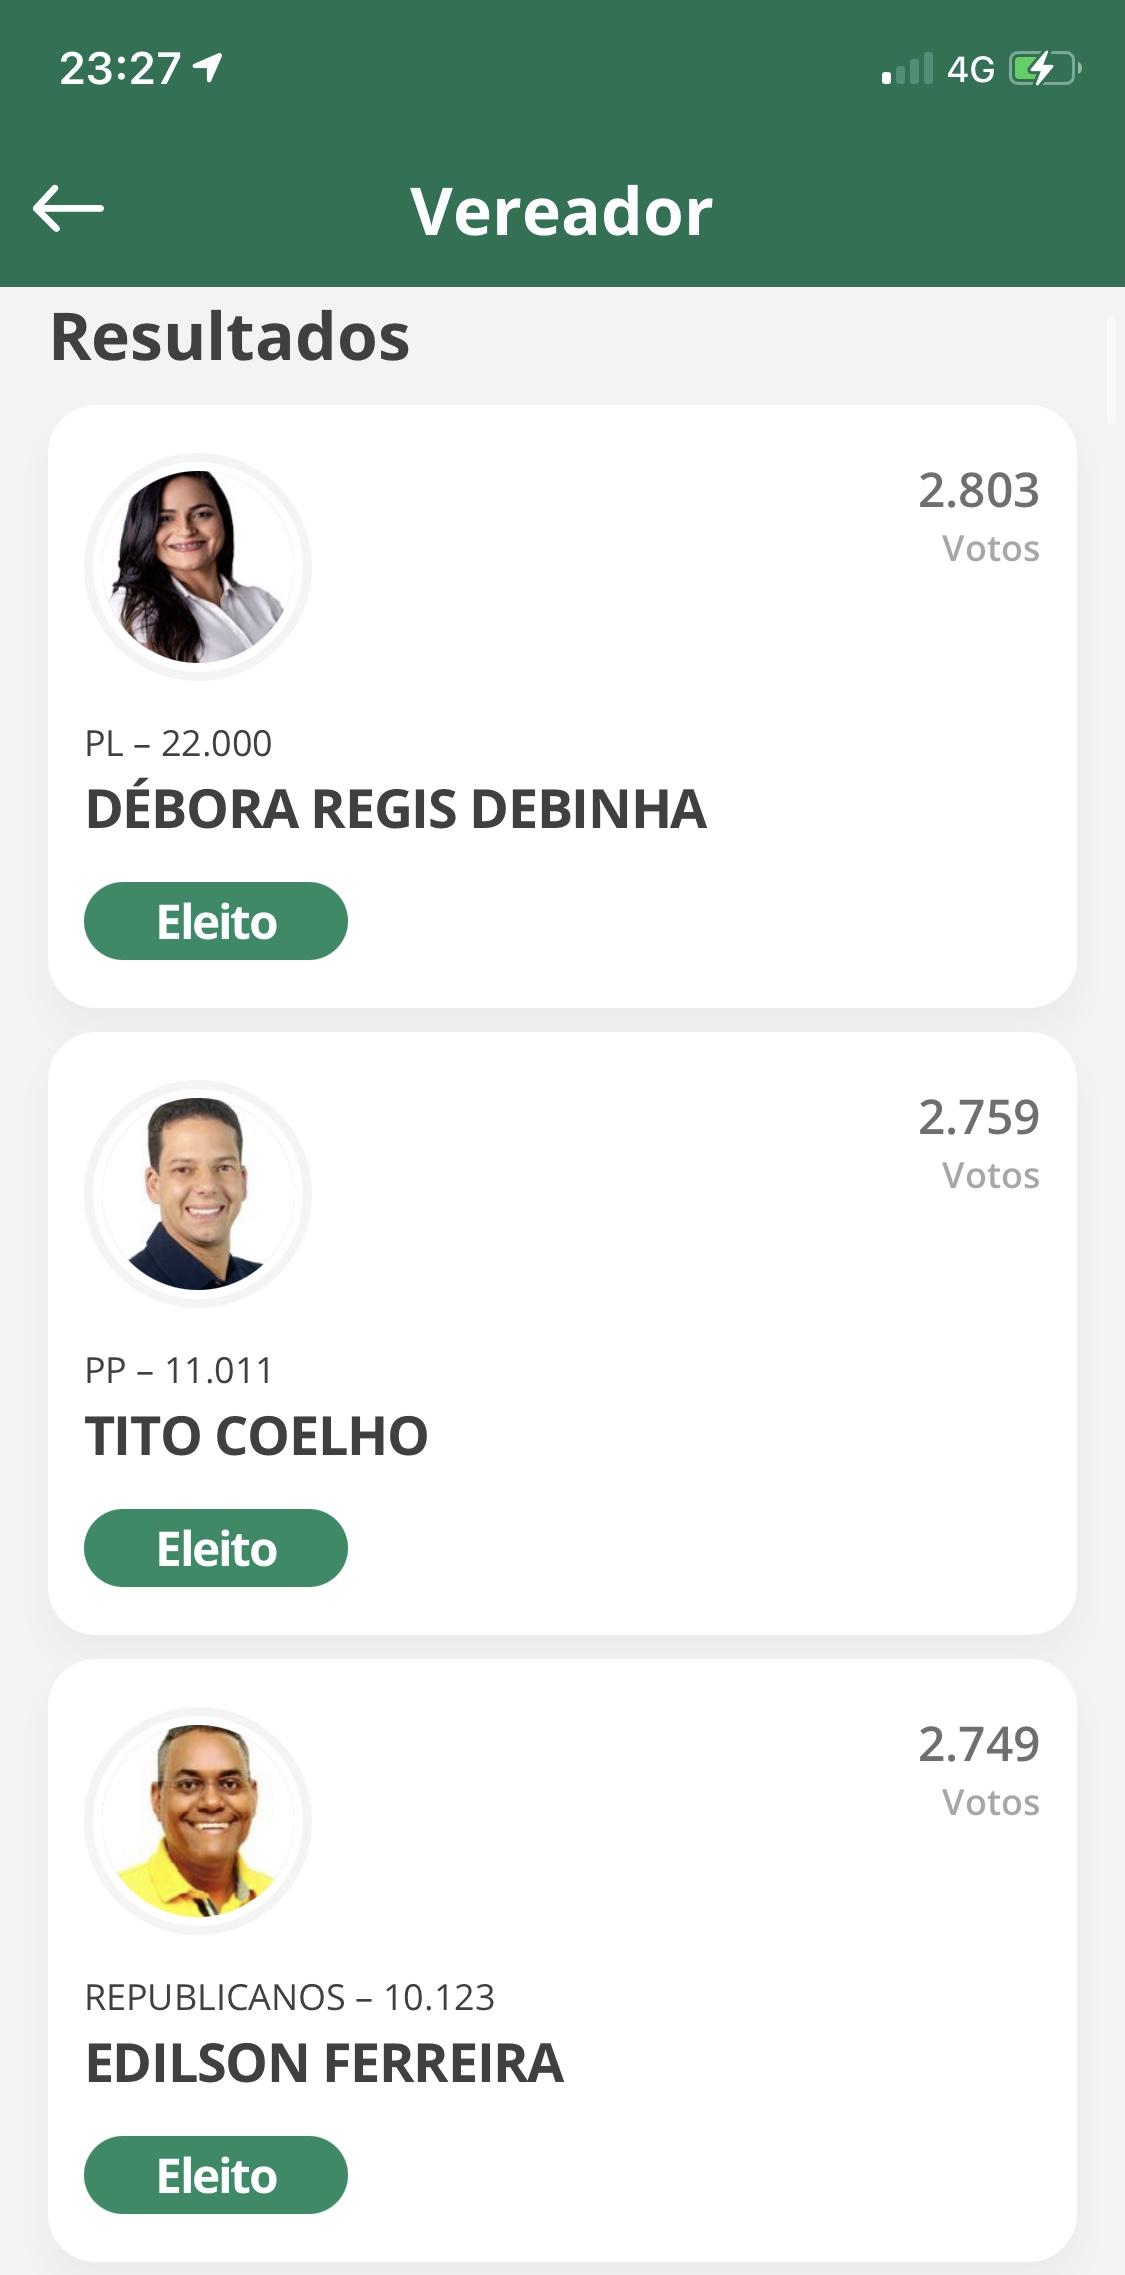 Vereadores eleitos de Lauro de Freitas, confira